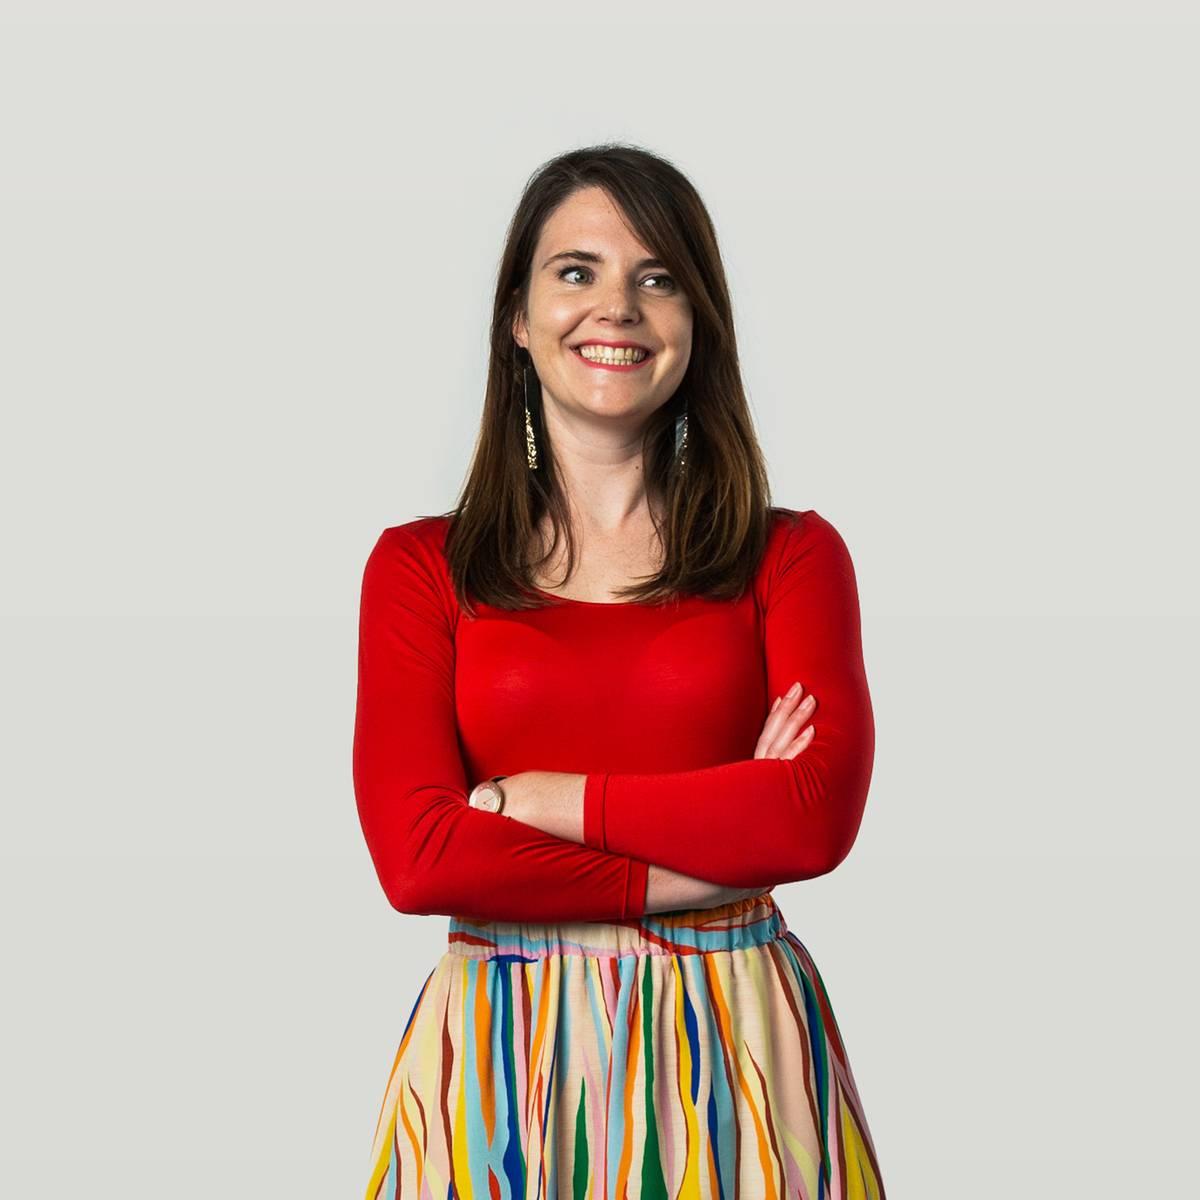 A profile image of Lauren Skogstad